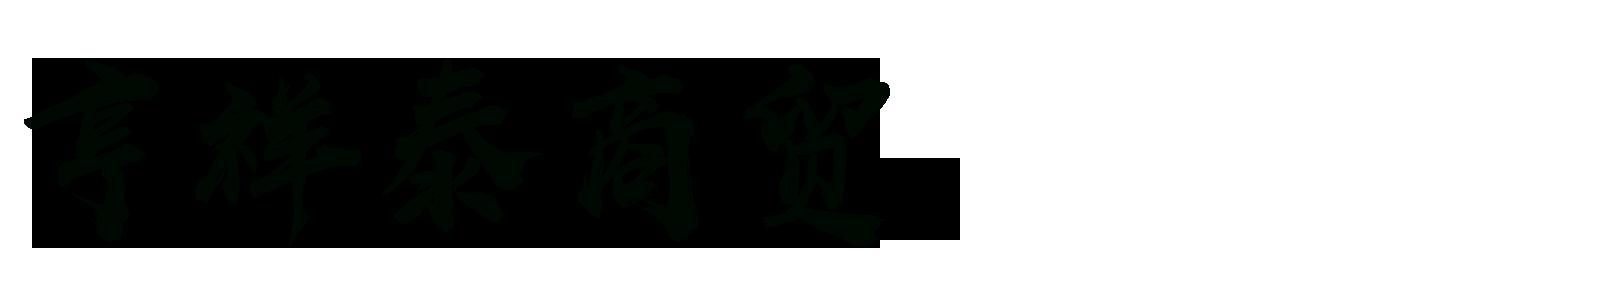 福建亨祥泰商贸有限公司